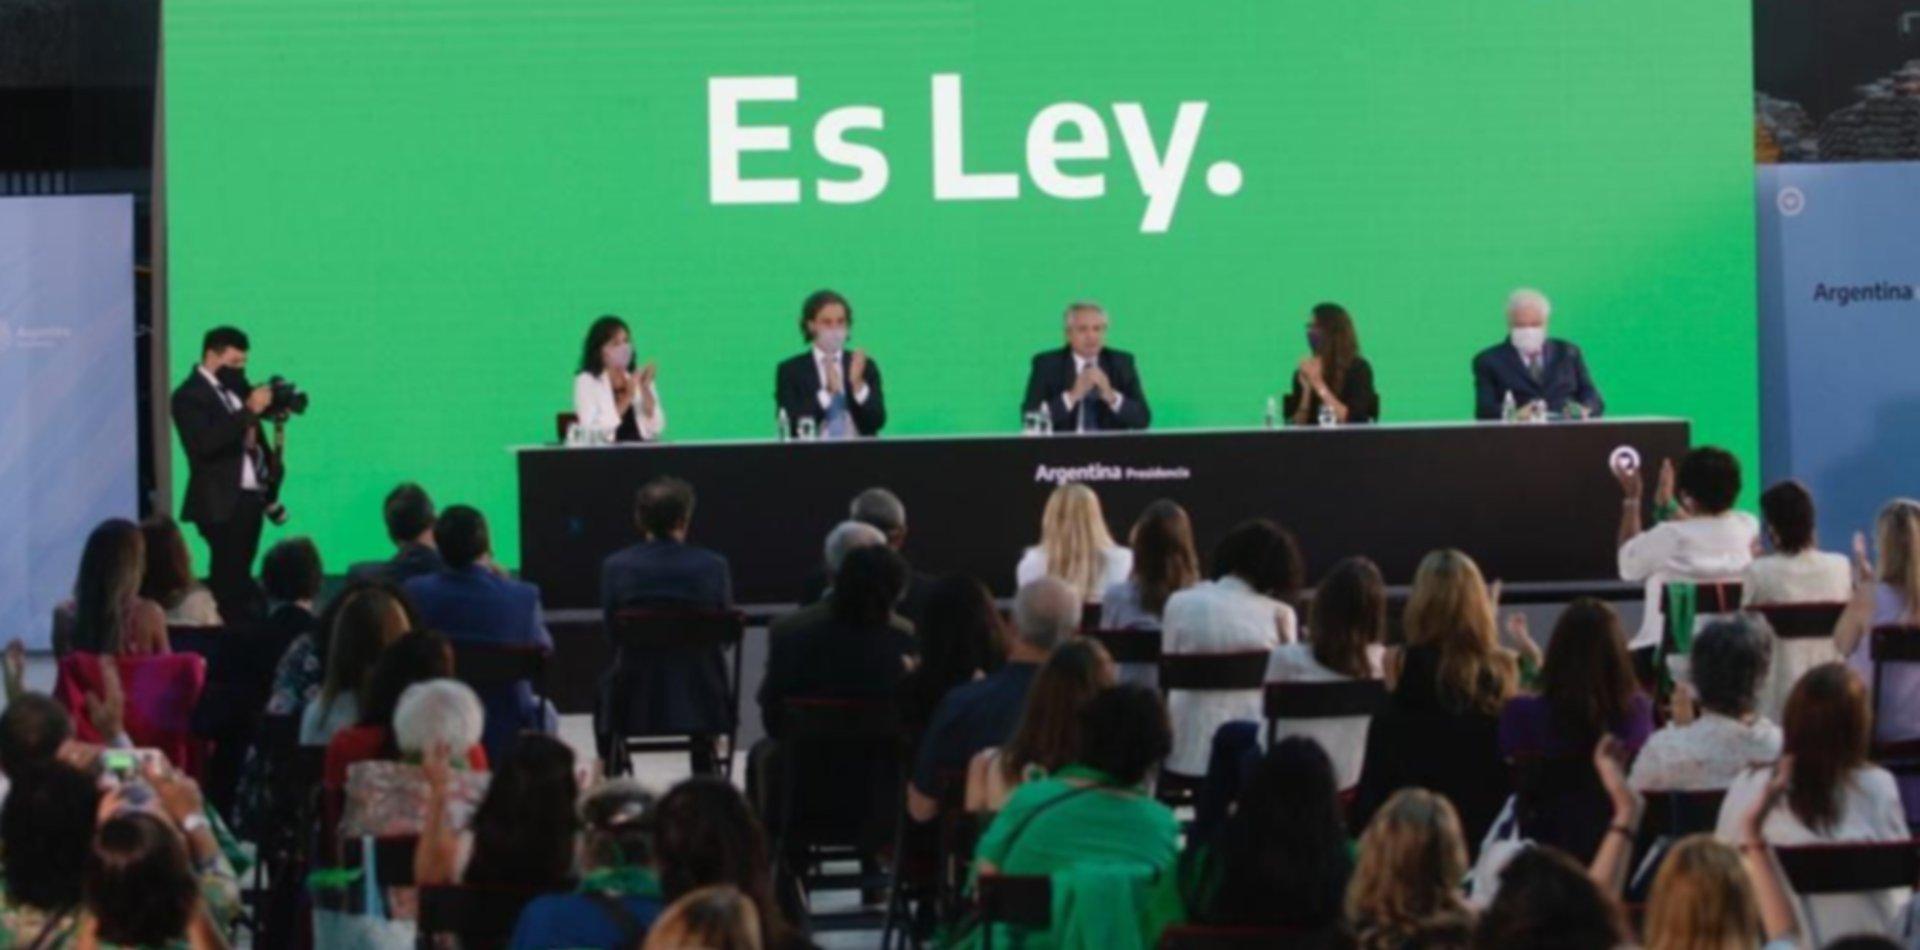 Alberto Fernández promulgó la ley del aborto